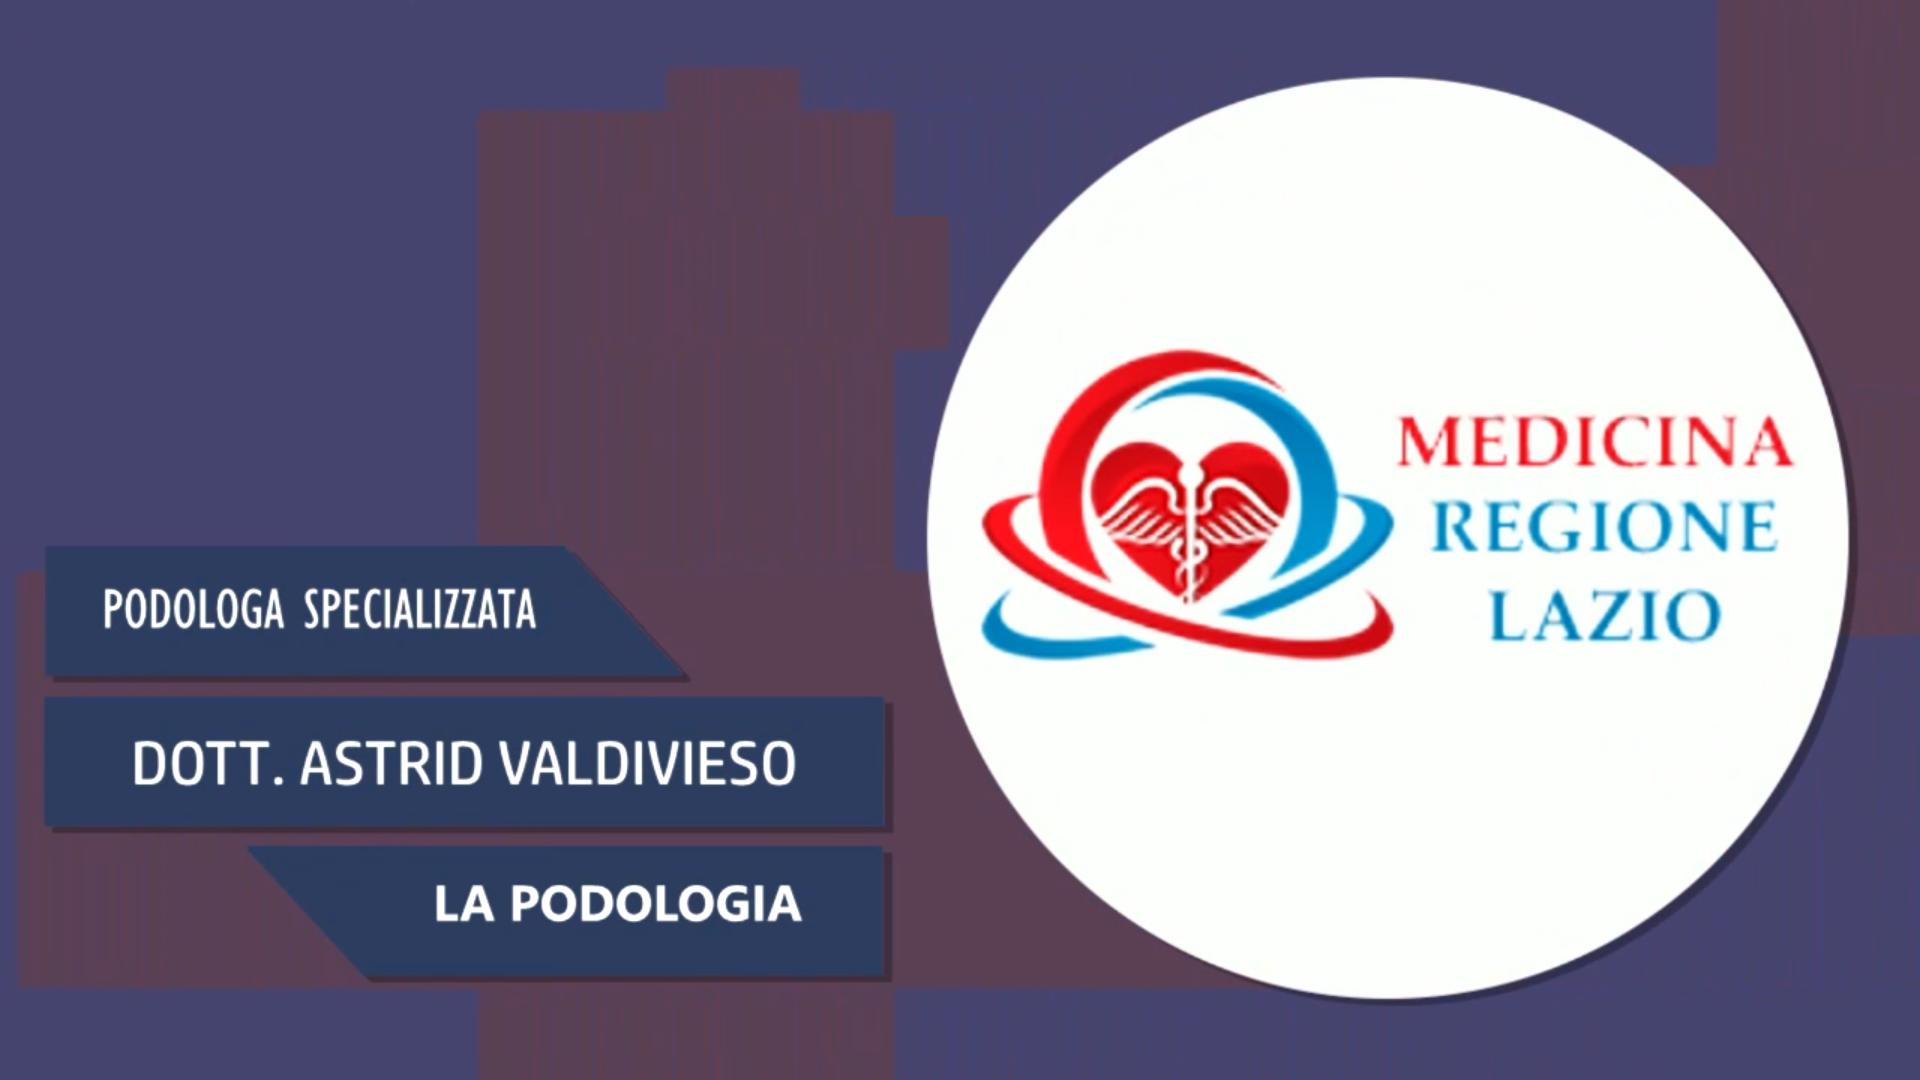 Intervista alla Dott.ssa Astrid Valdivieso – La podologia